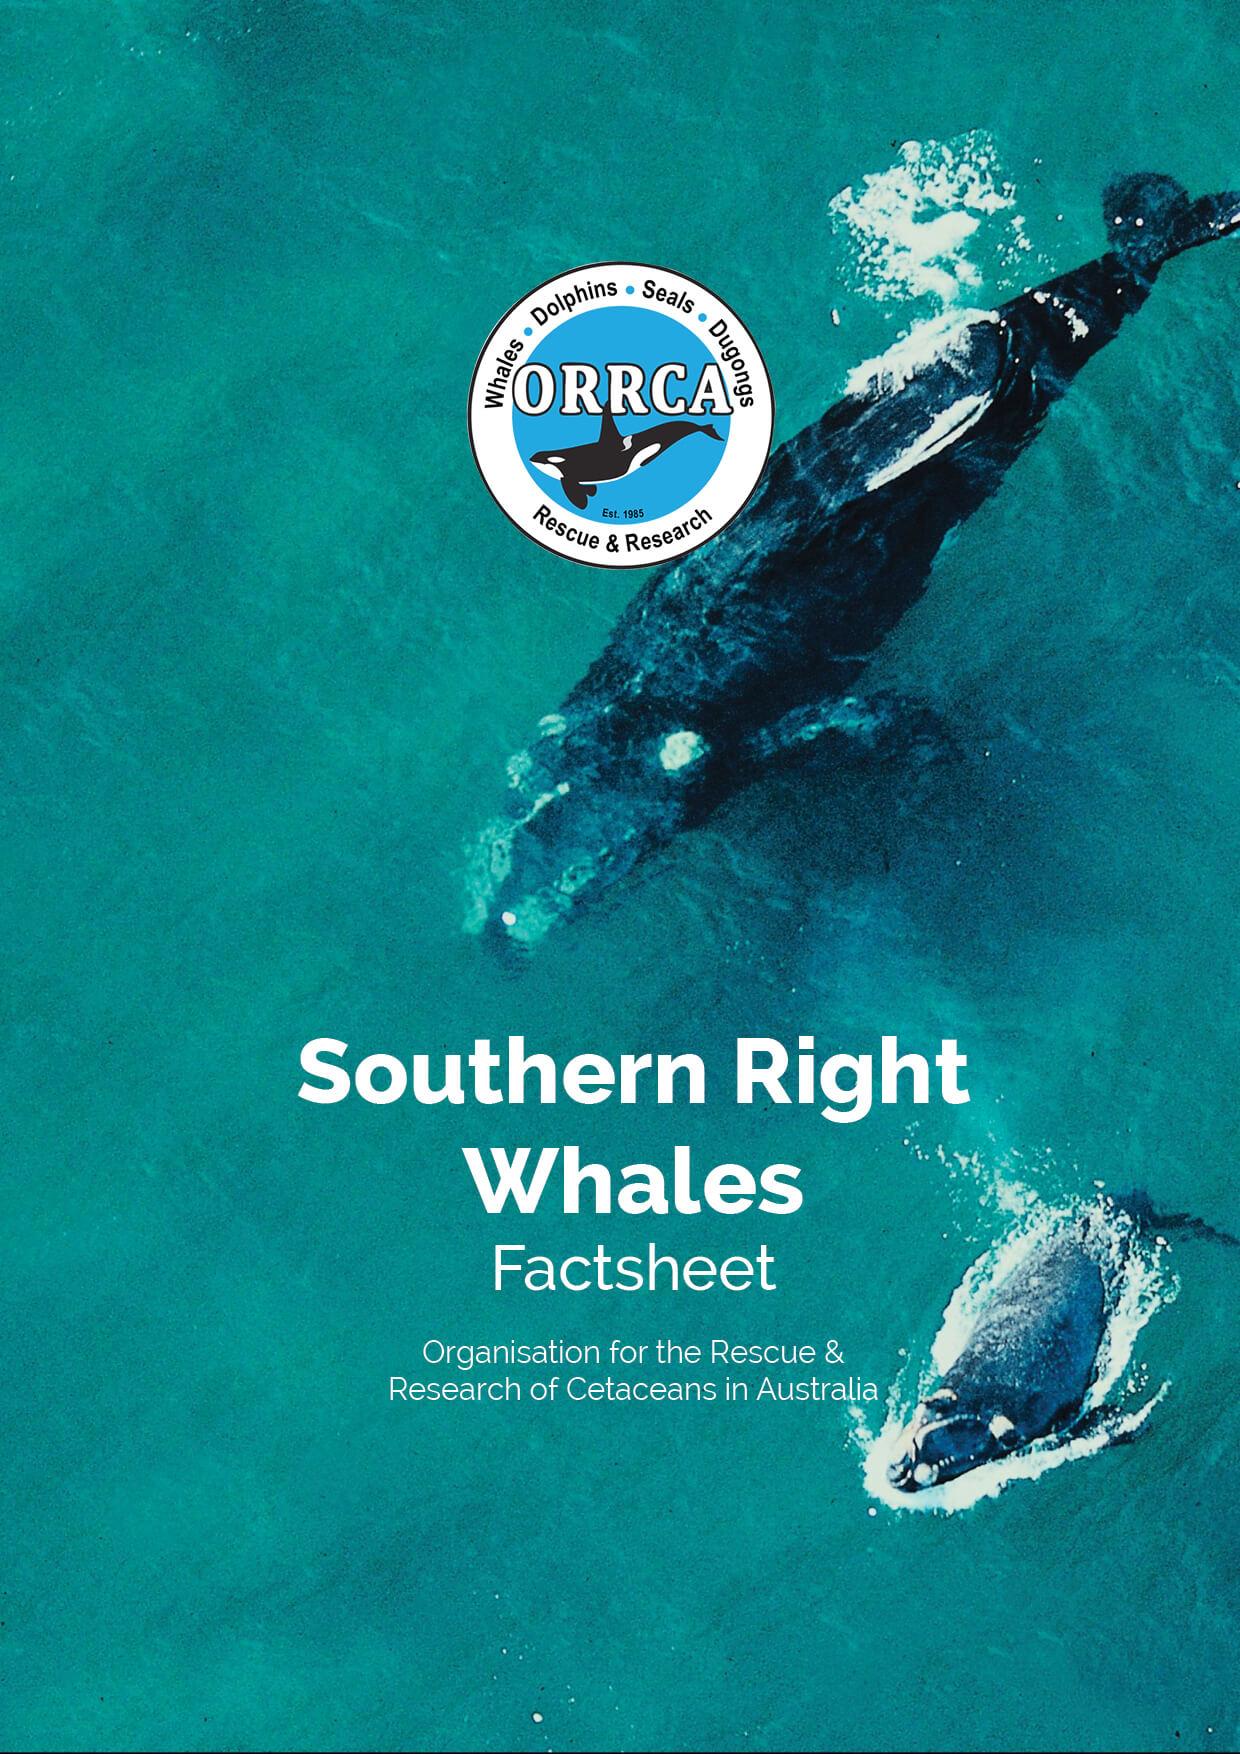 ORRCA-Covers4.jpg